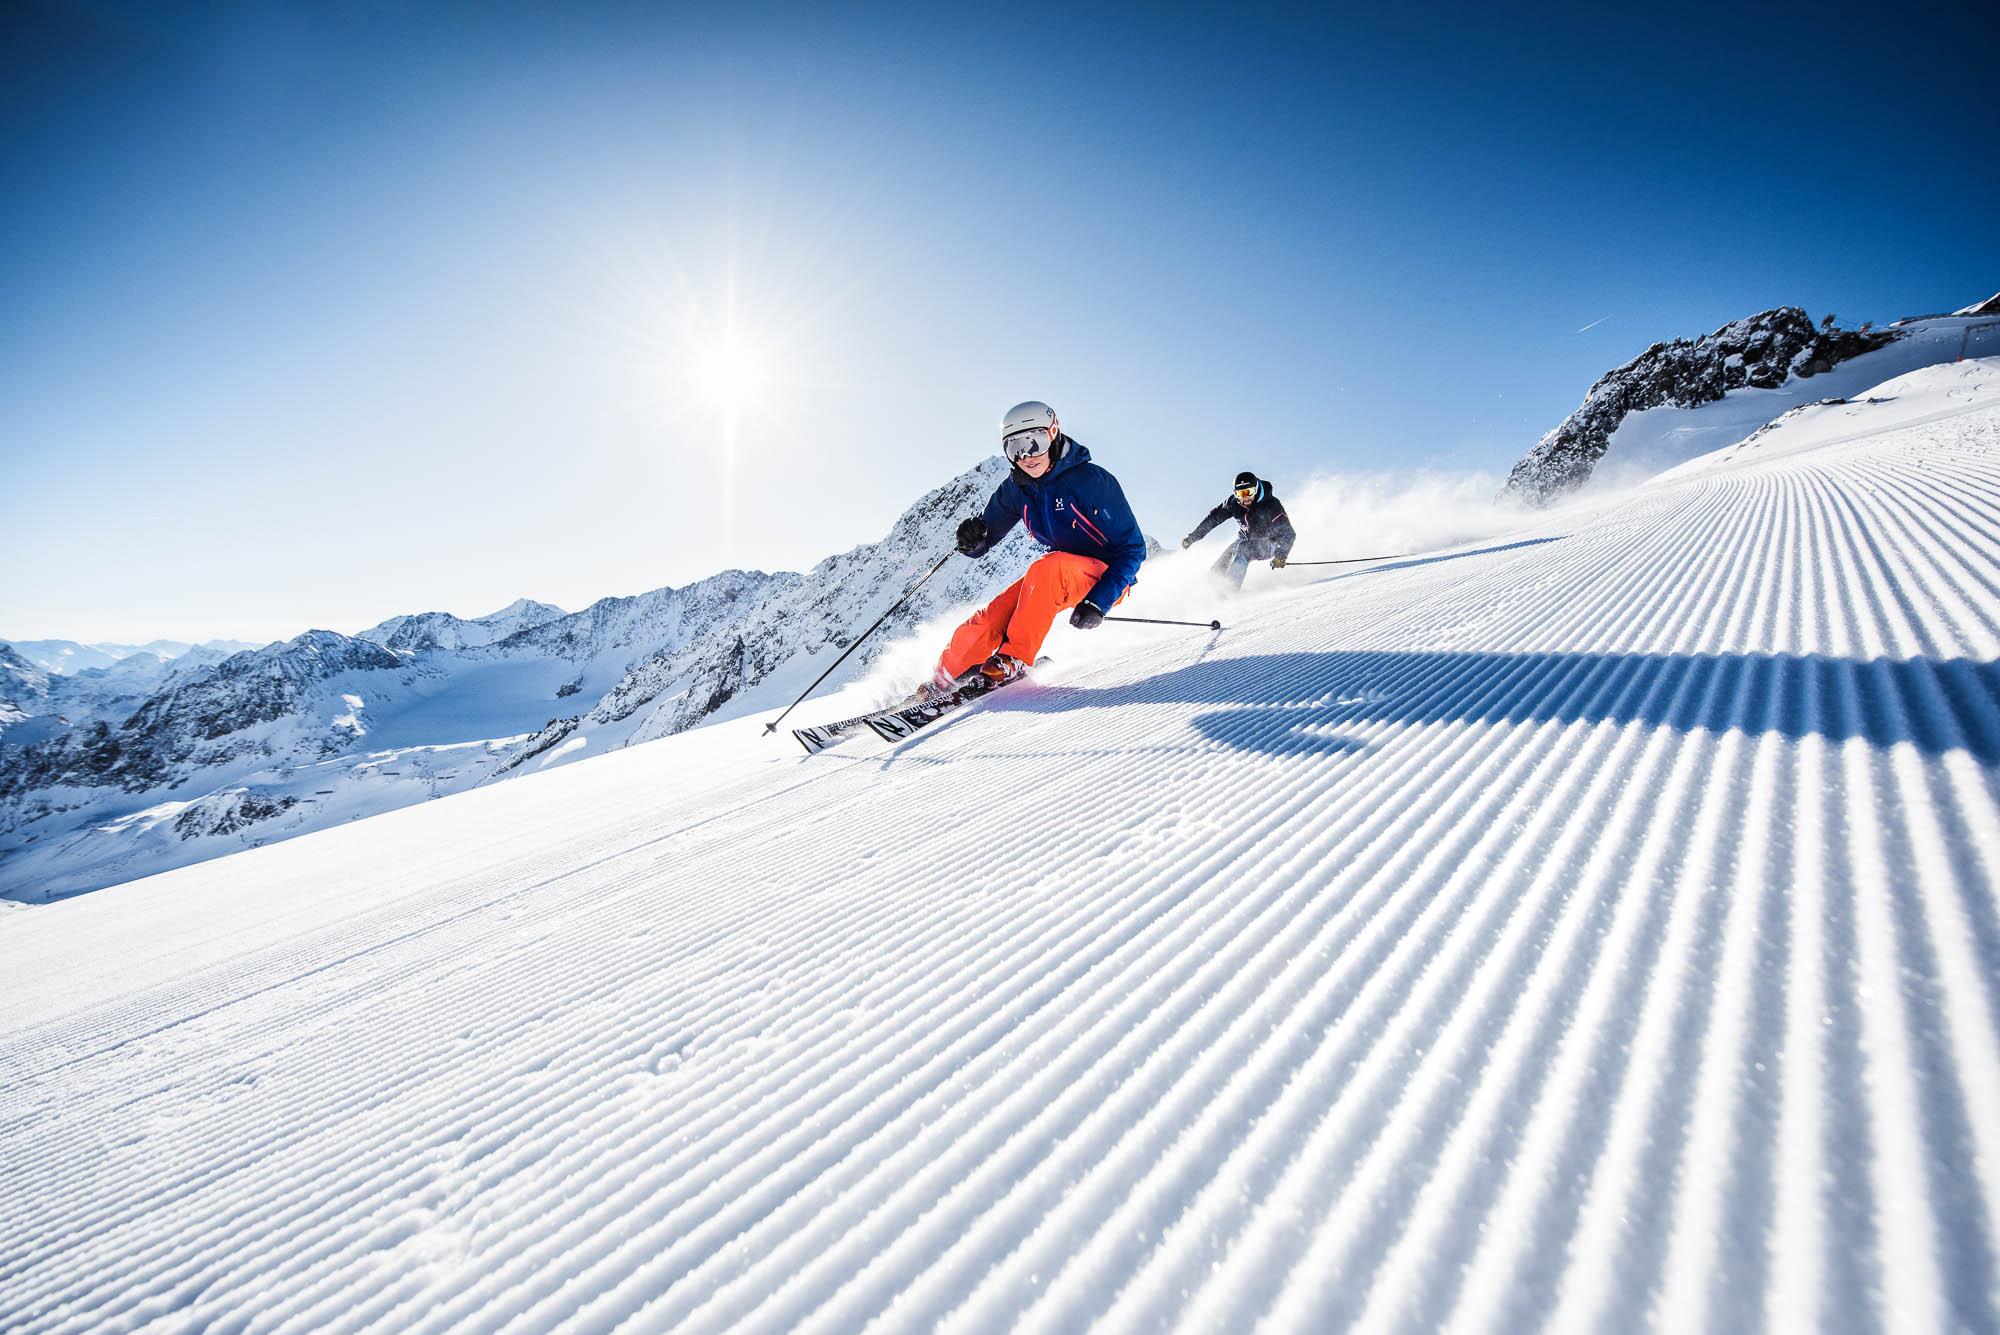 stubaier-gletscher_andre-schonherr_koniglich-skifahren_web-5